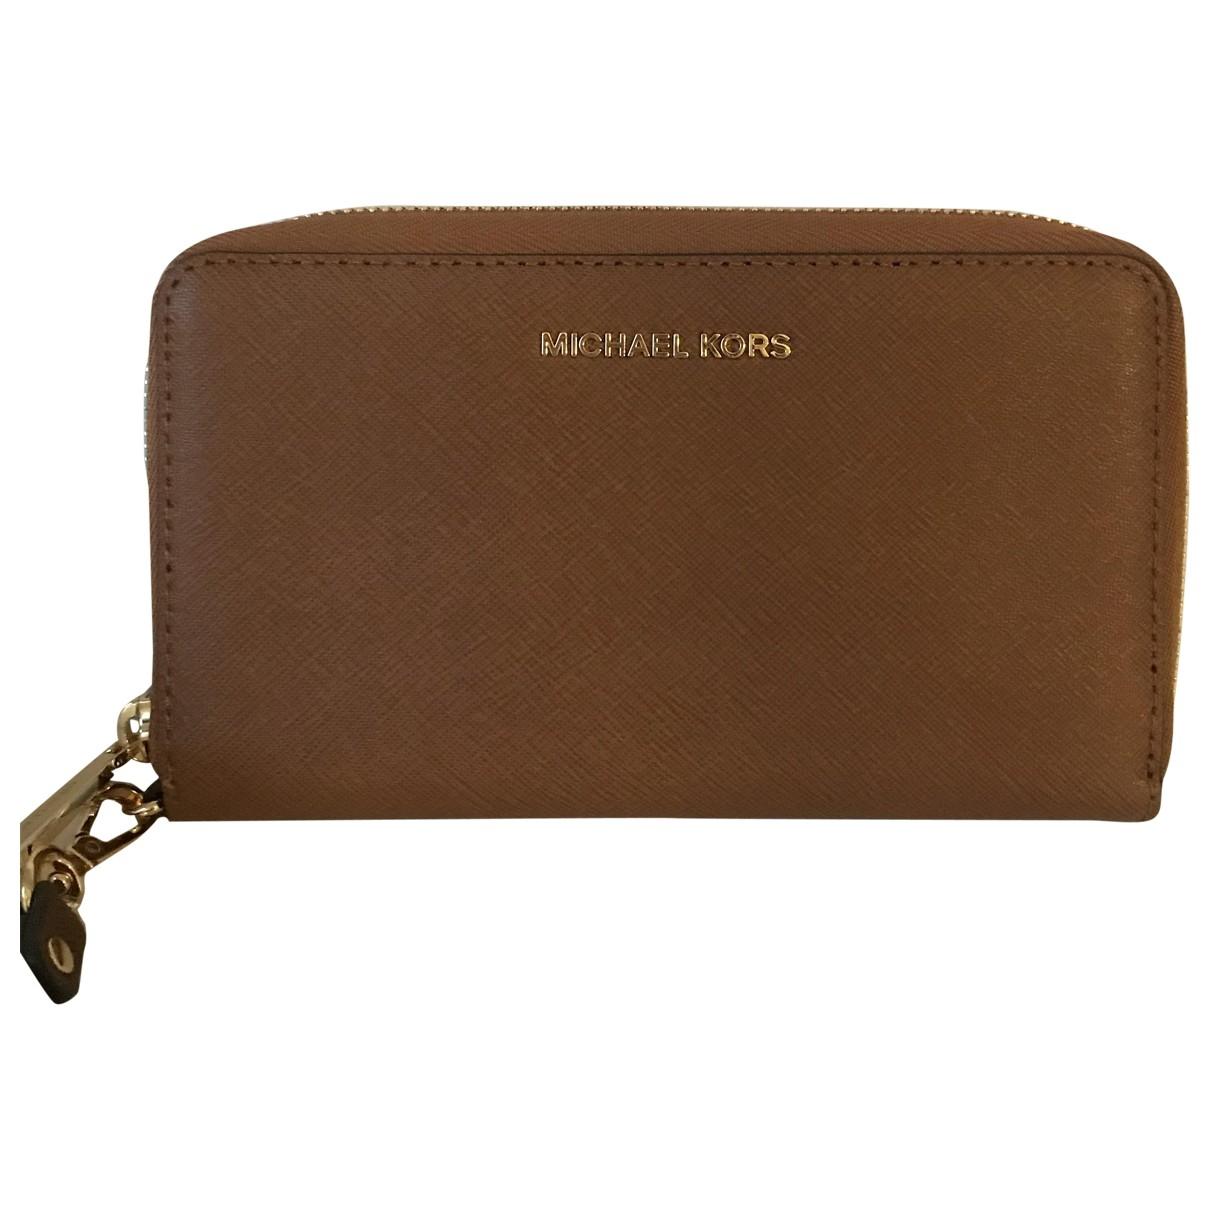 Michael Kors \N Brown Leather Clutch bag for Women \N